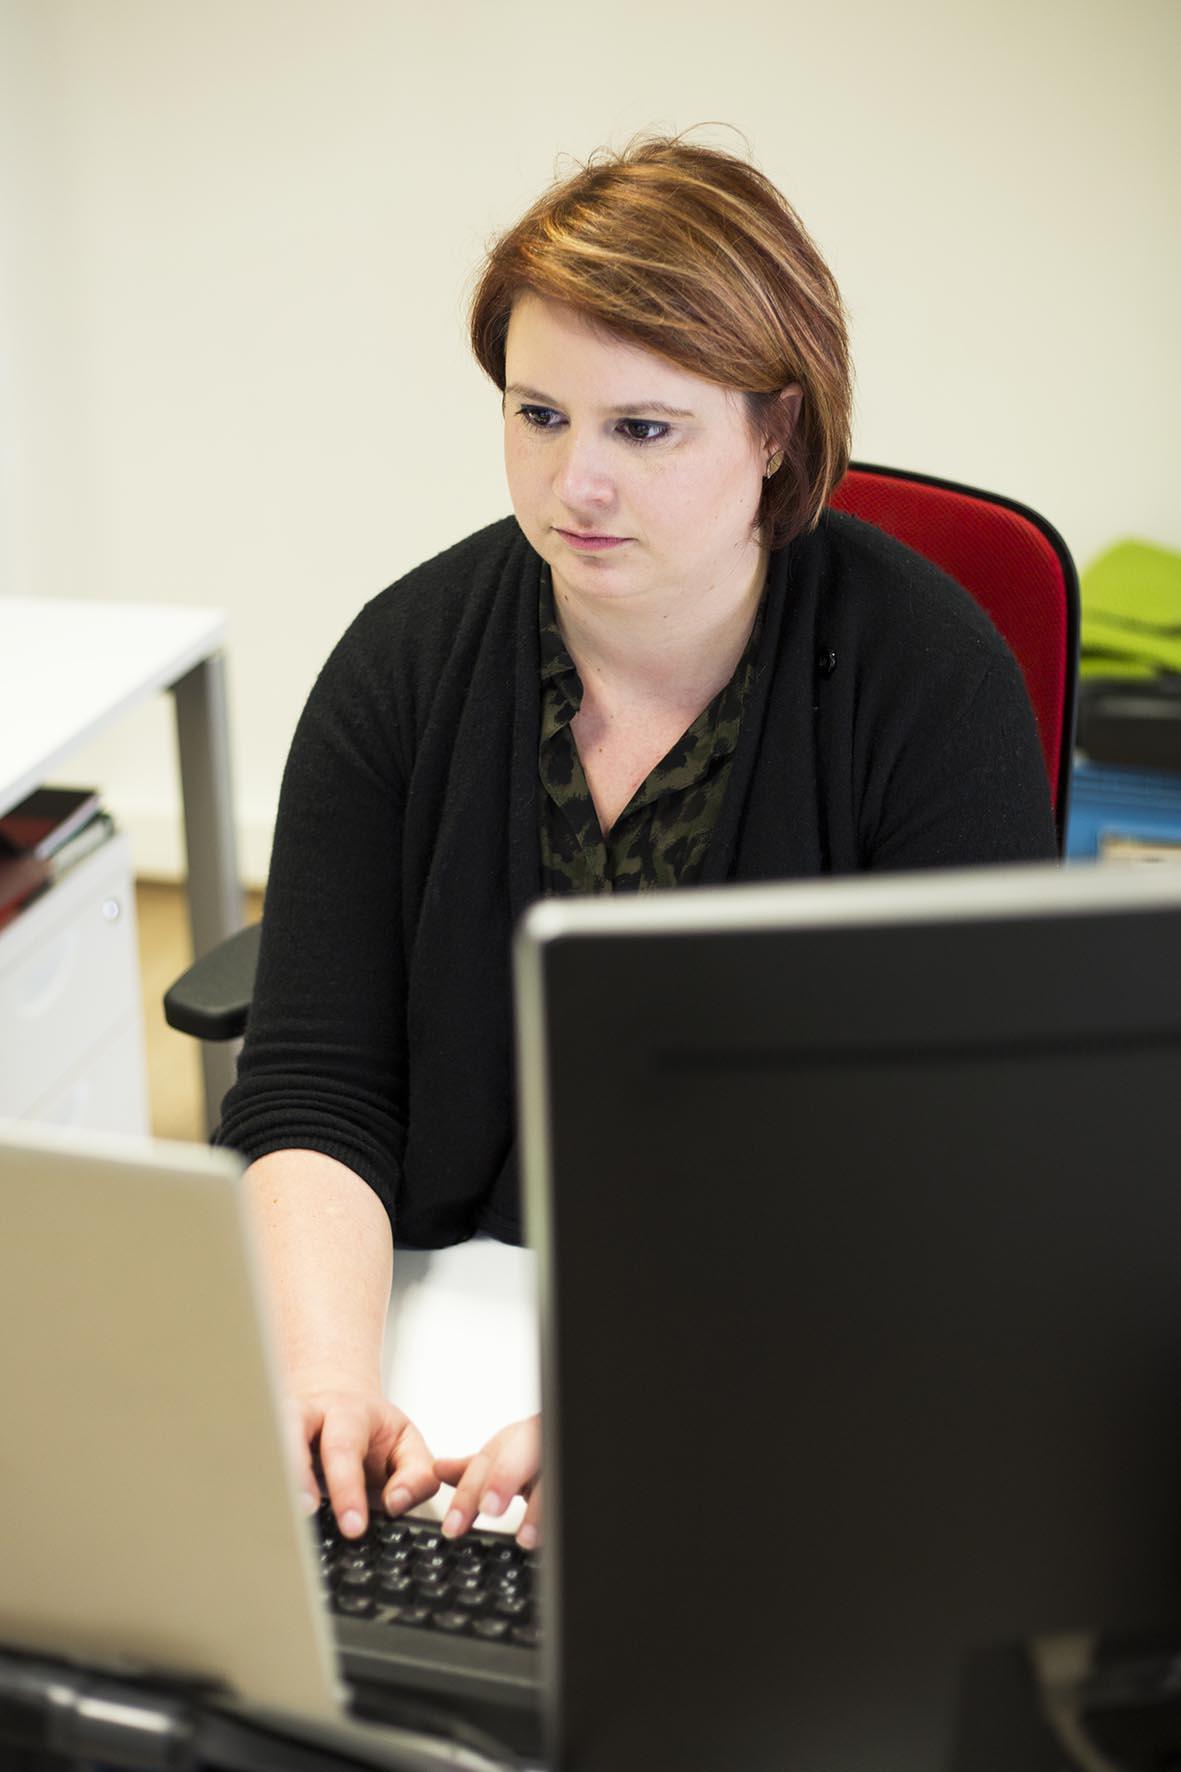 administratief beheer door Liselotte van Algemeen Beheer 2.0